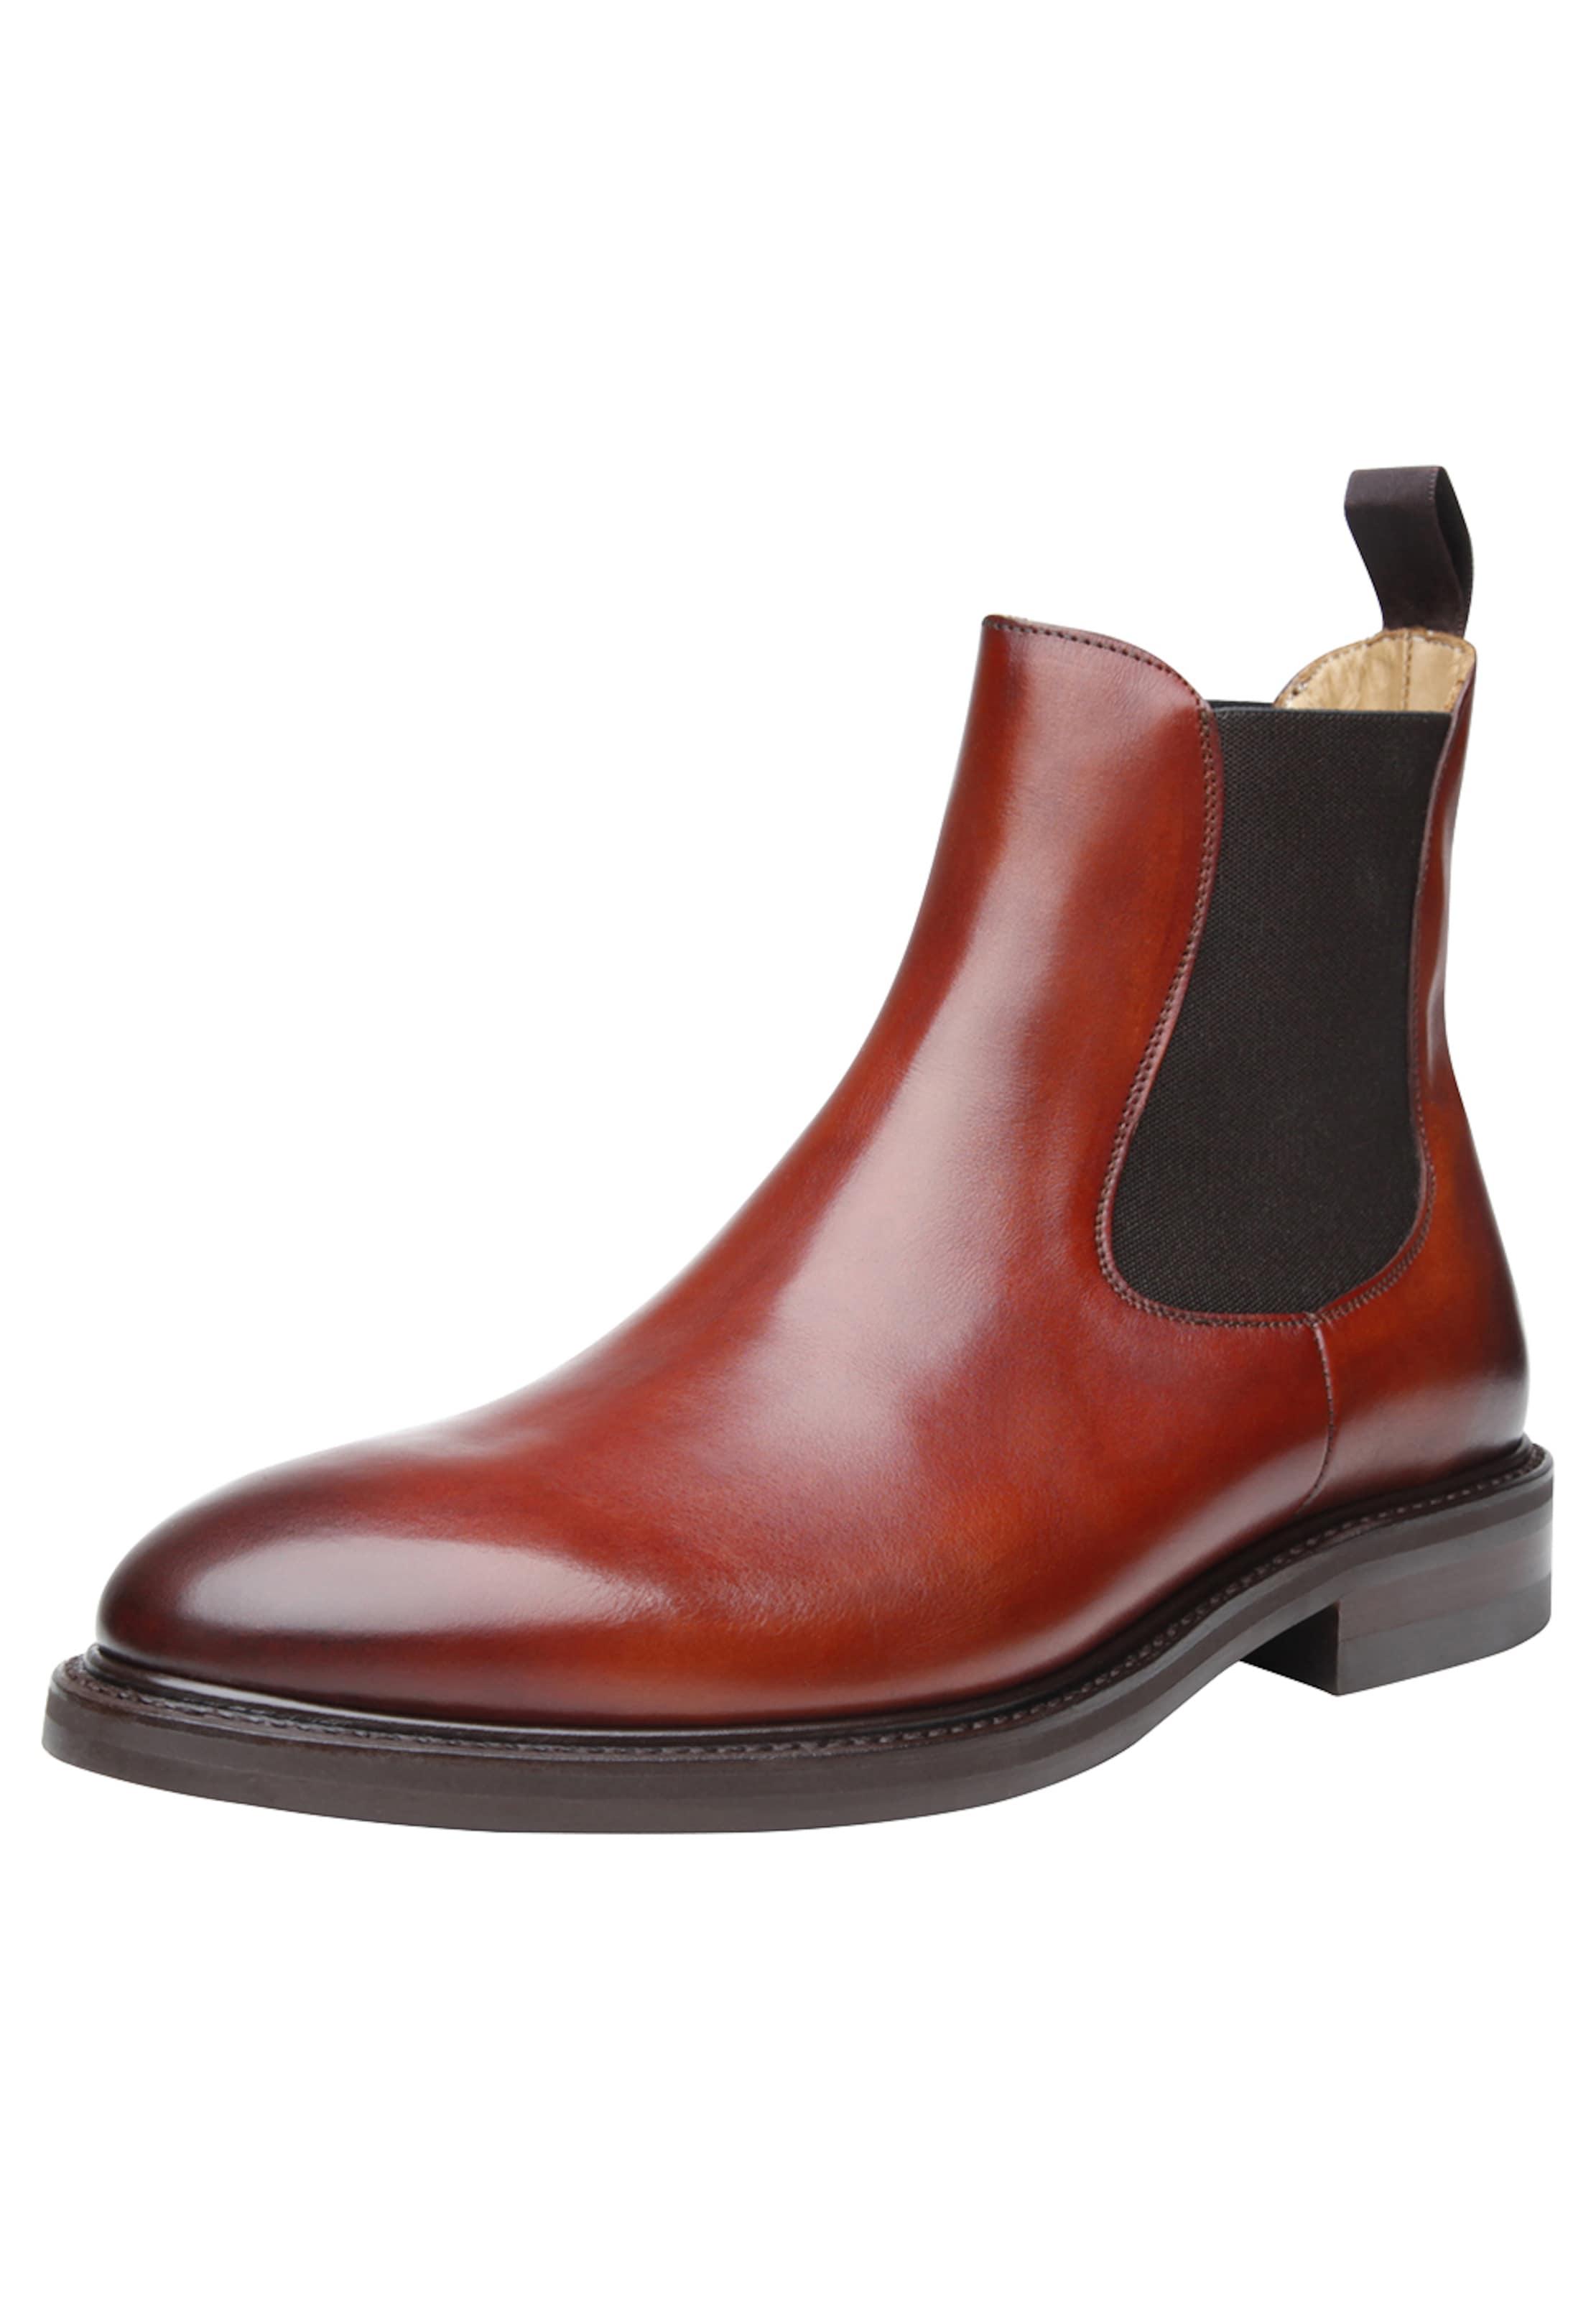 SHOEPASSION Boots No. 645 Verschleißfeste billige Schuhe